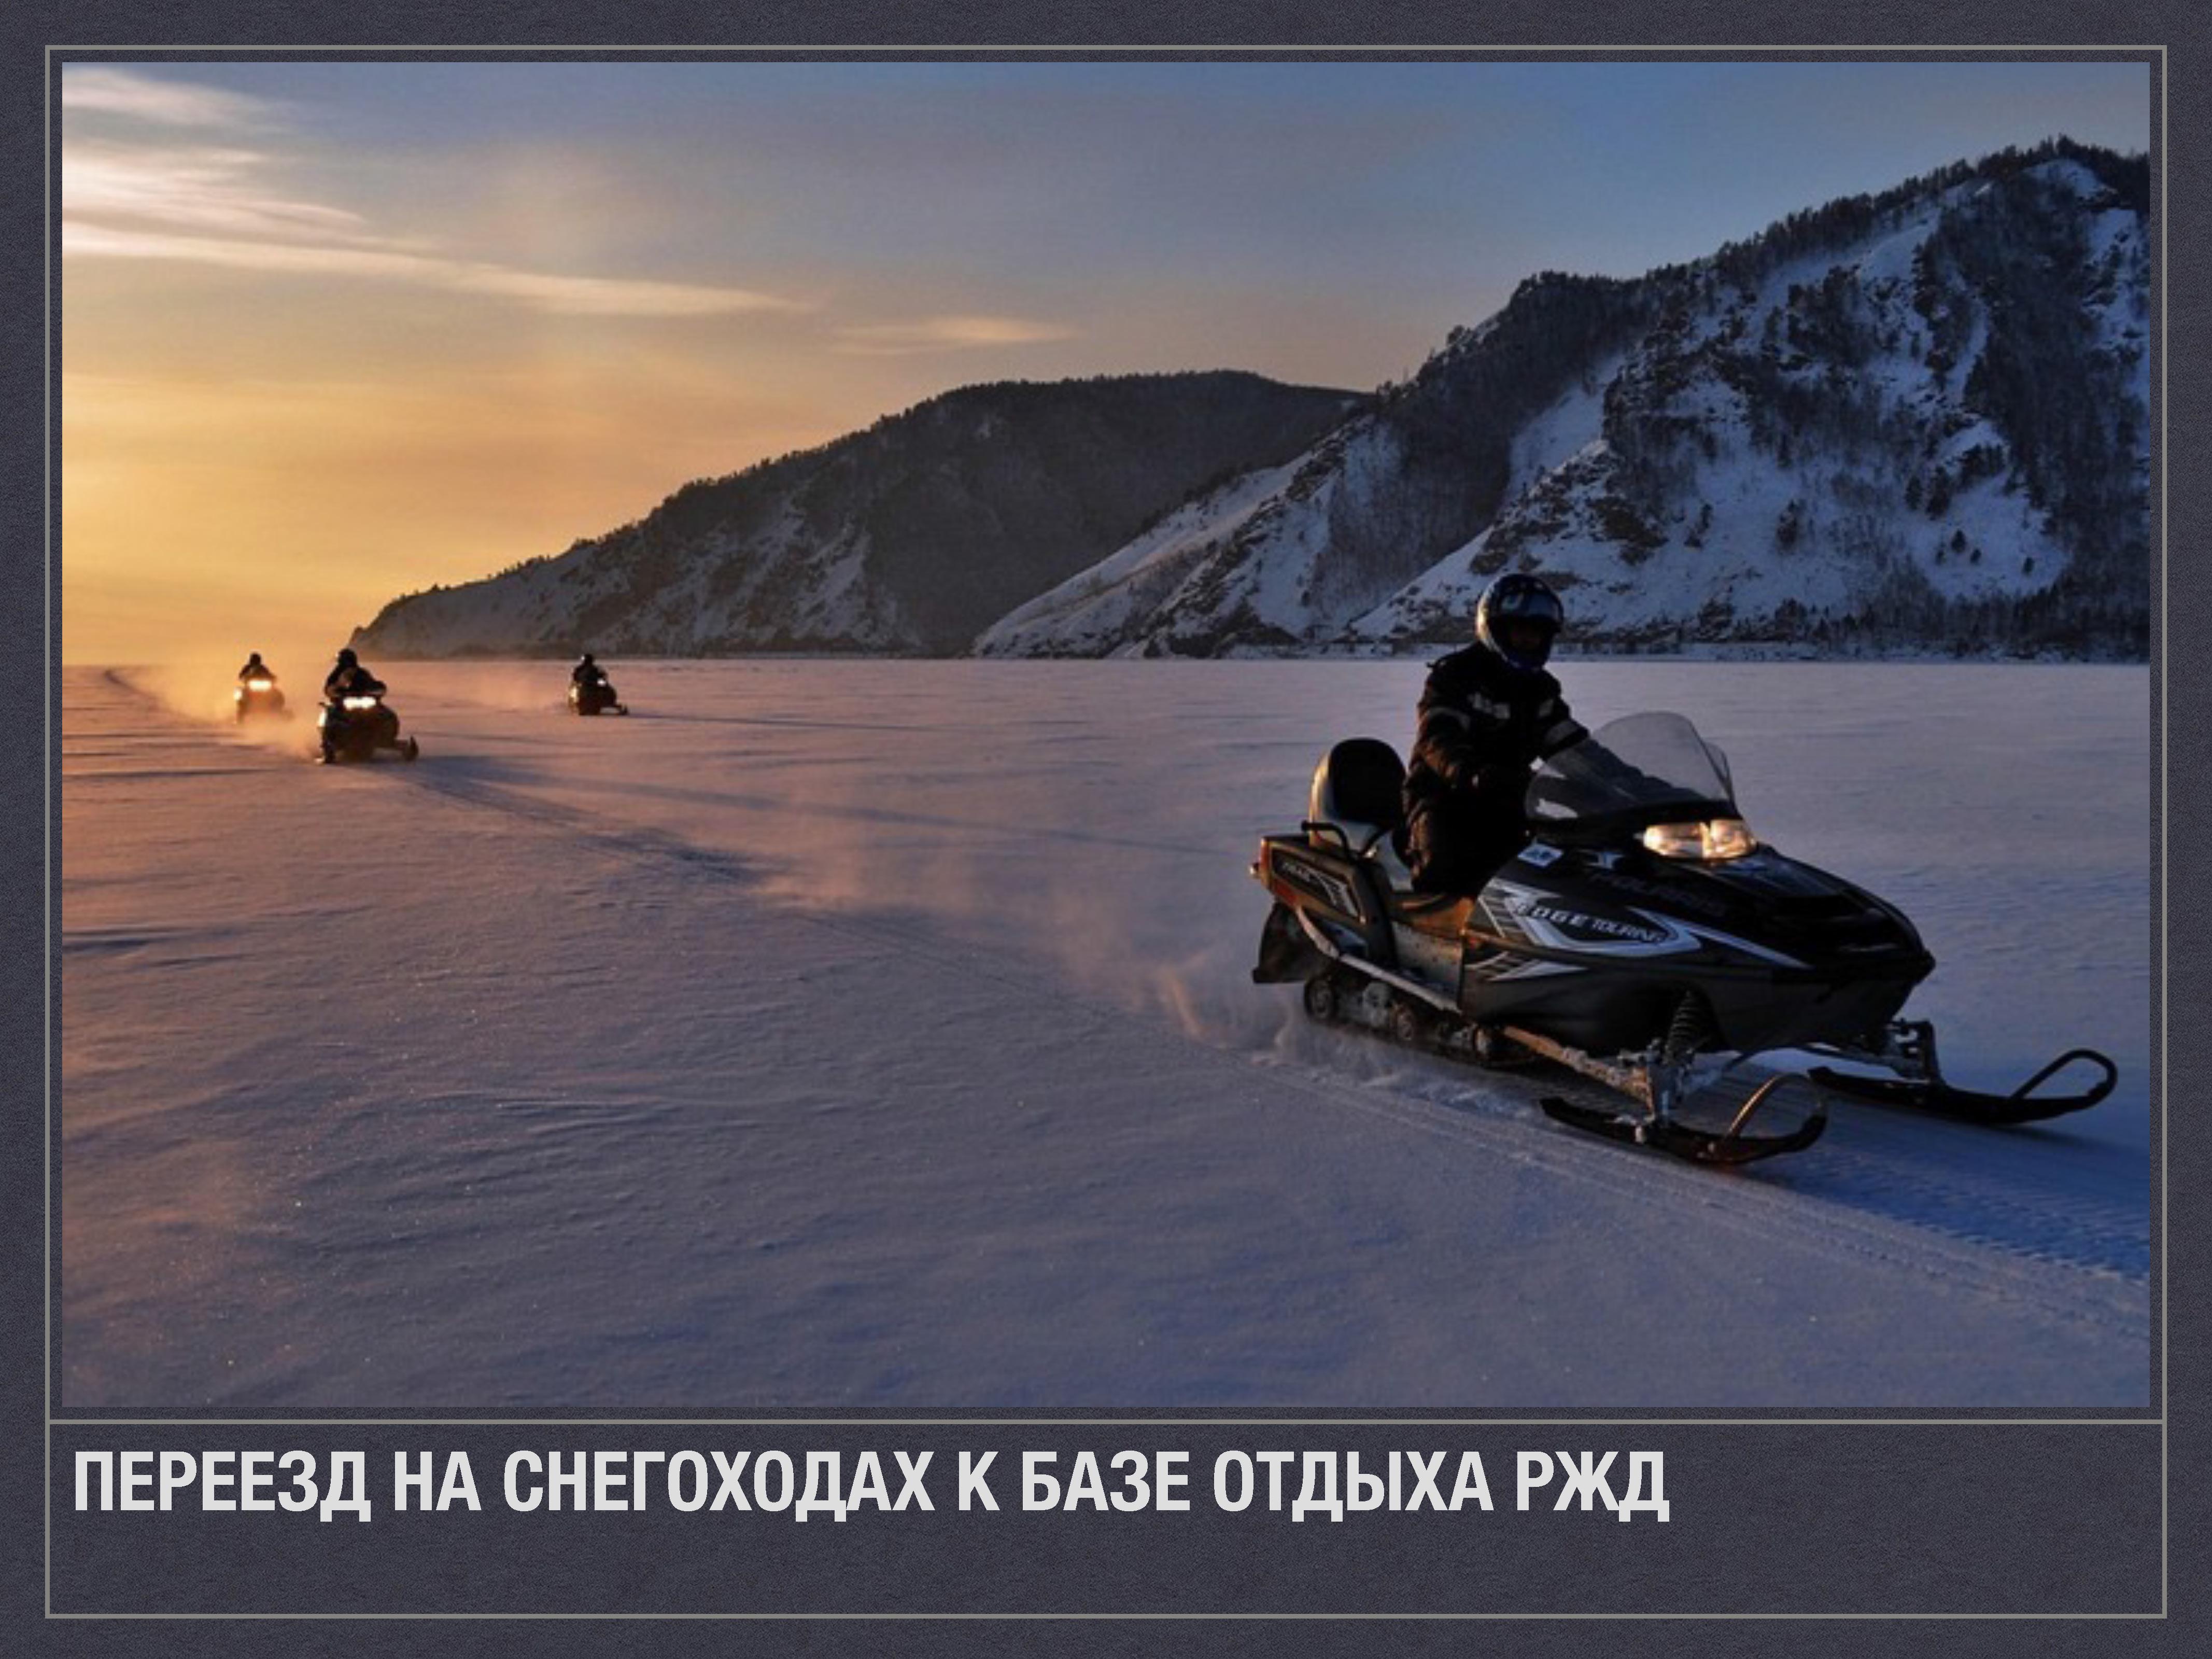 Baikal__03